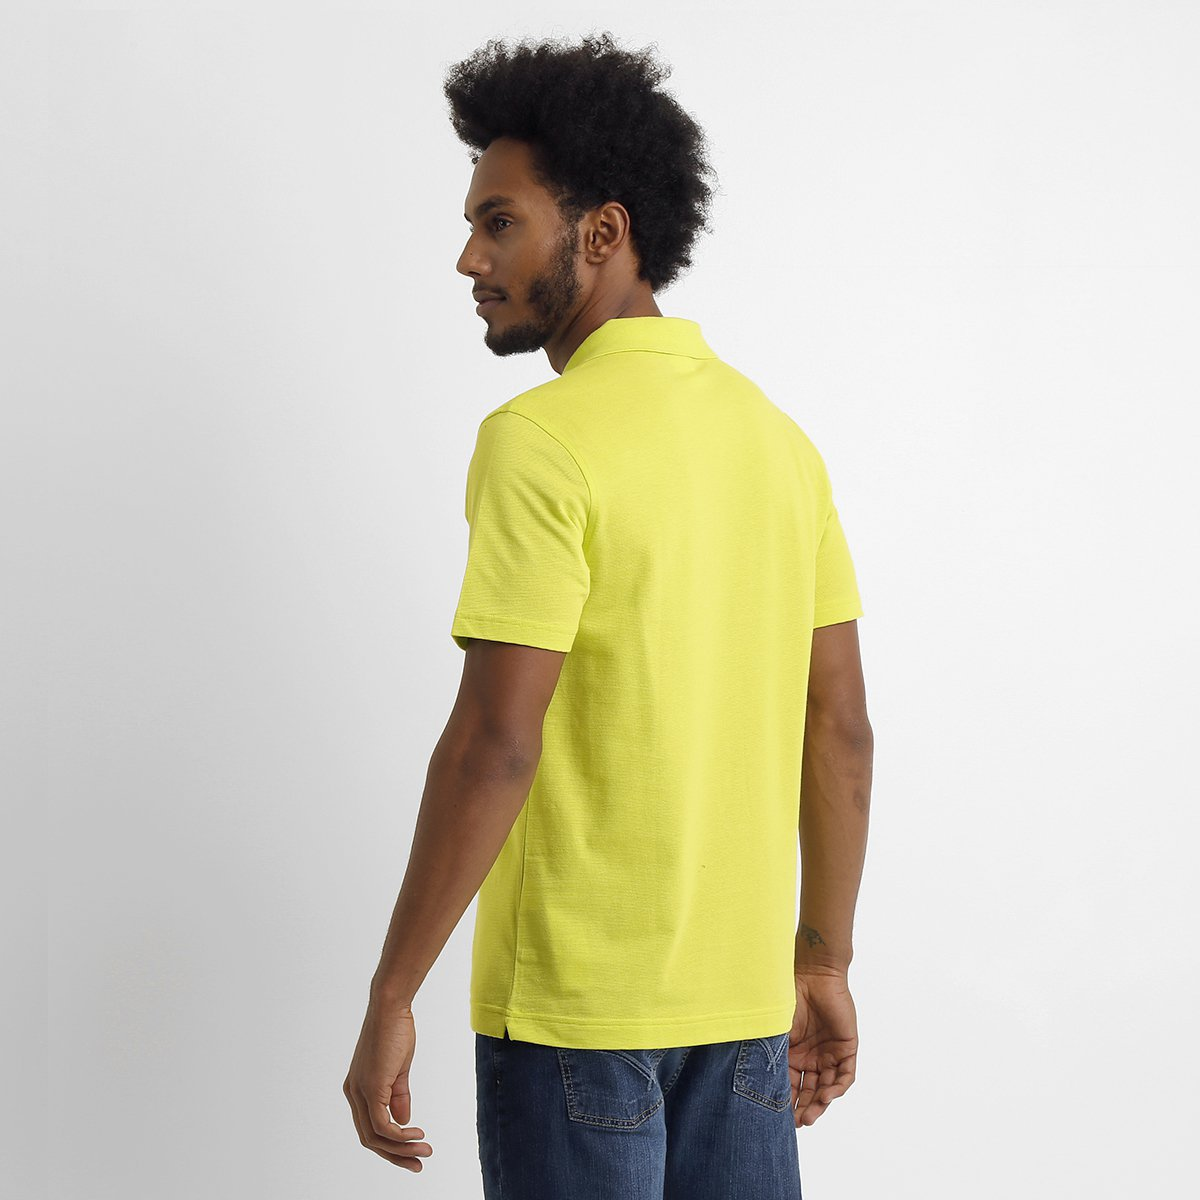 Unboxing da Netshoes Camisa polo Lacoste super light 3086460 ... 0ce1c8d9b4